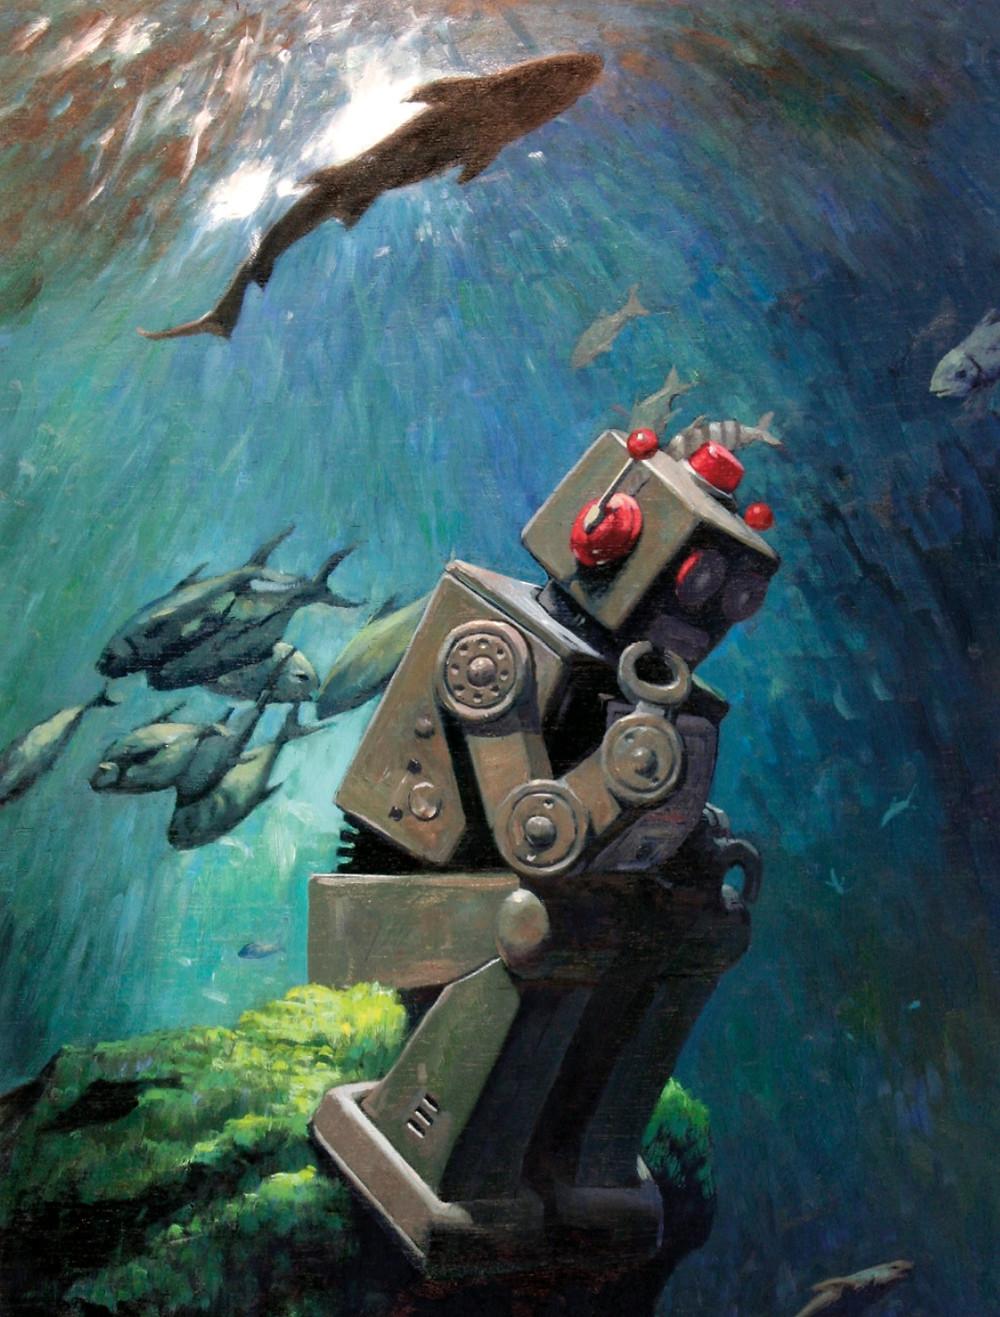 Submerged by Eric Joyner